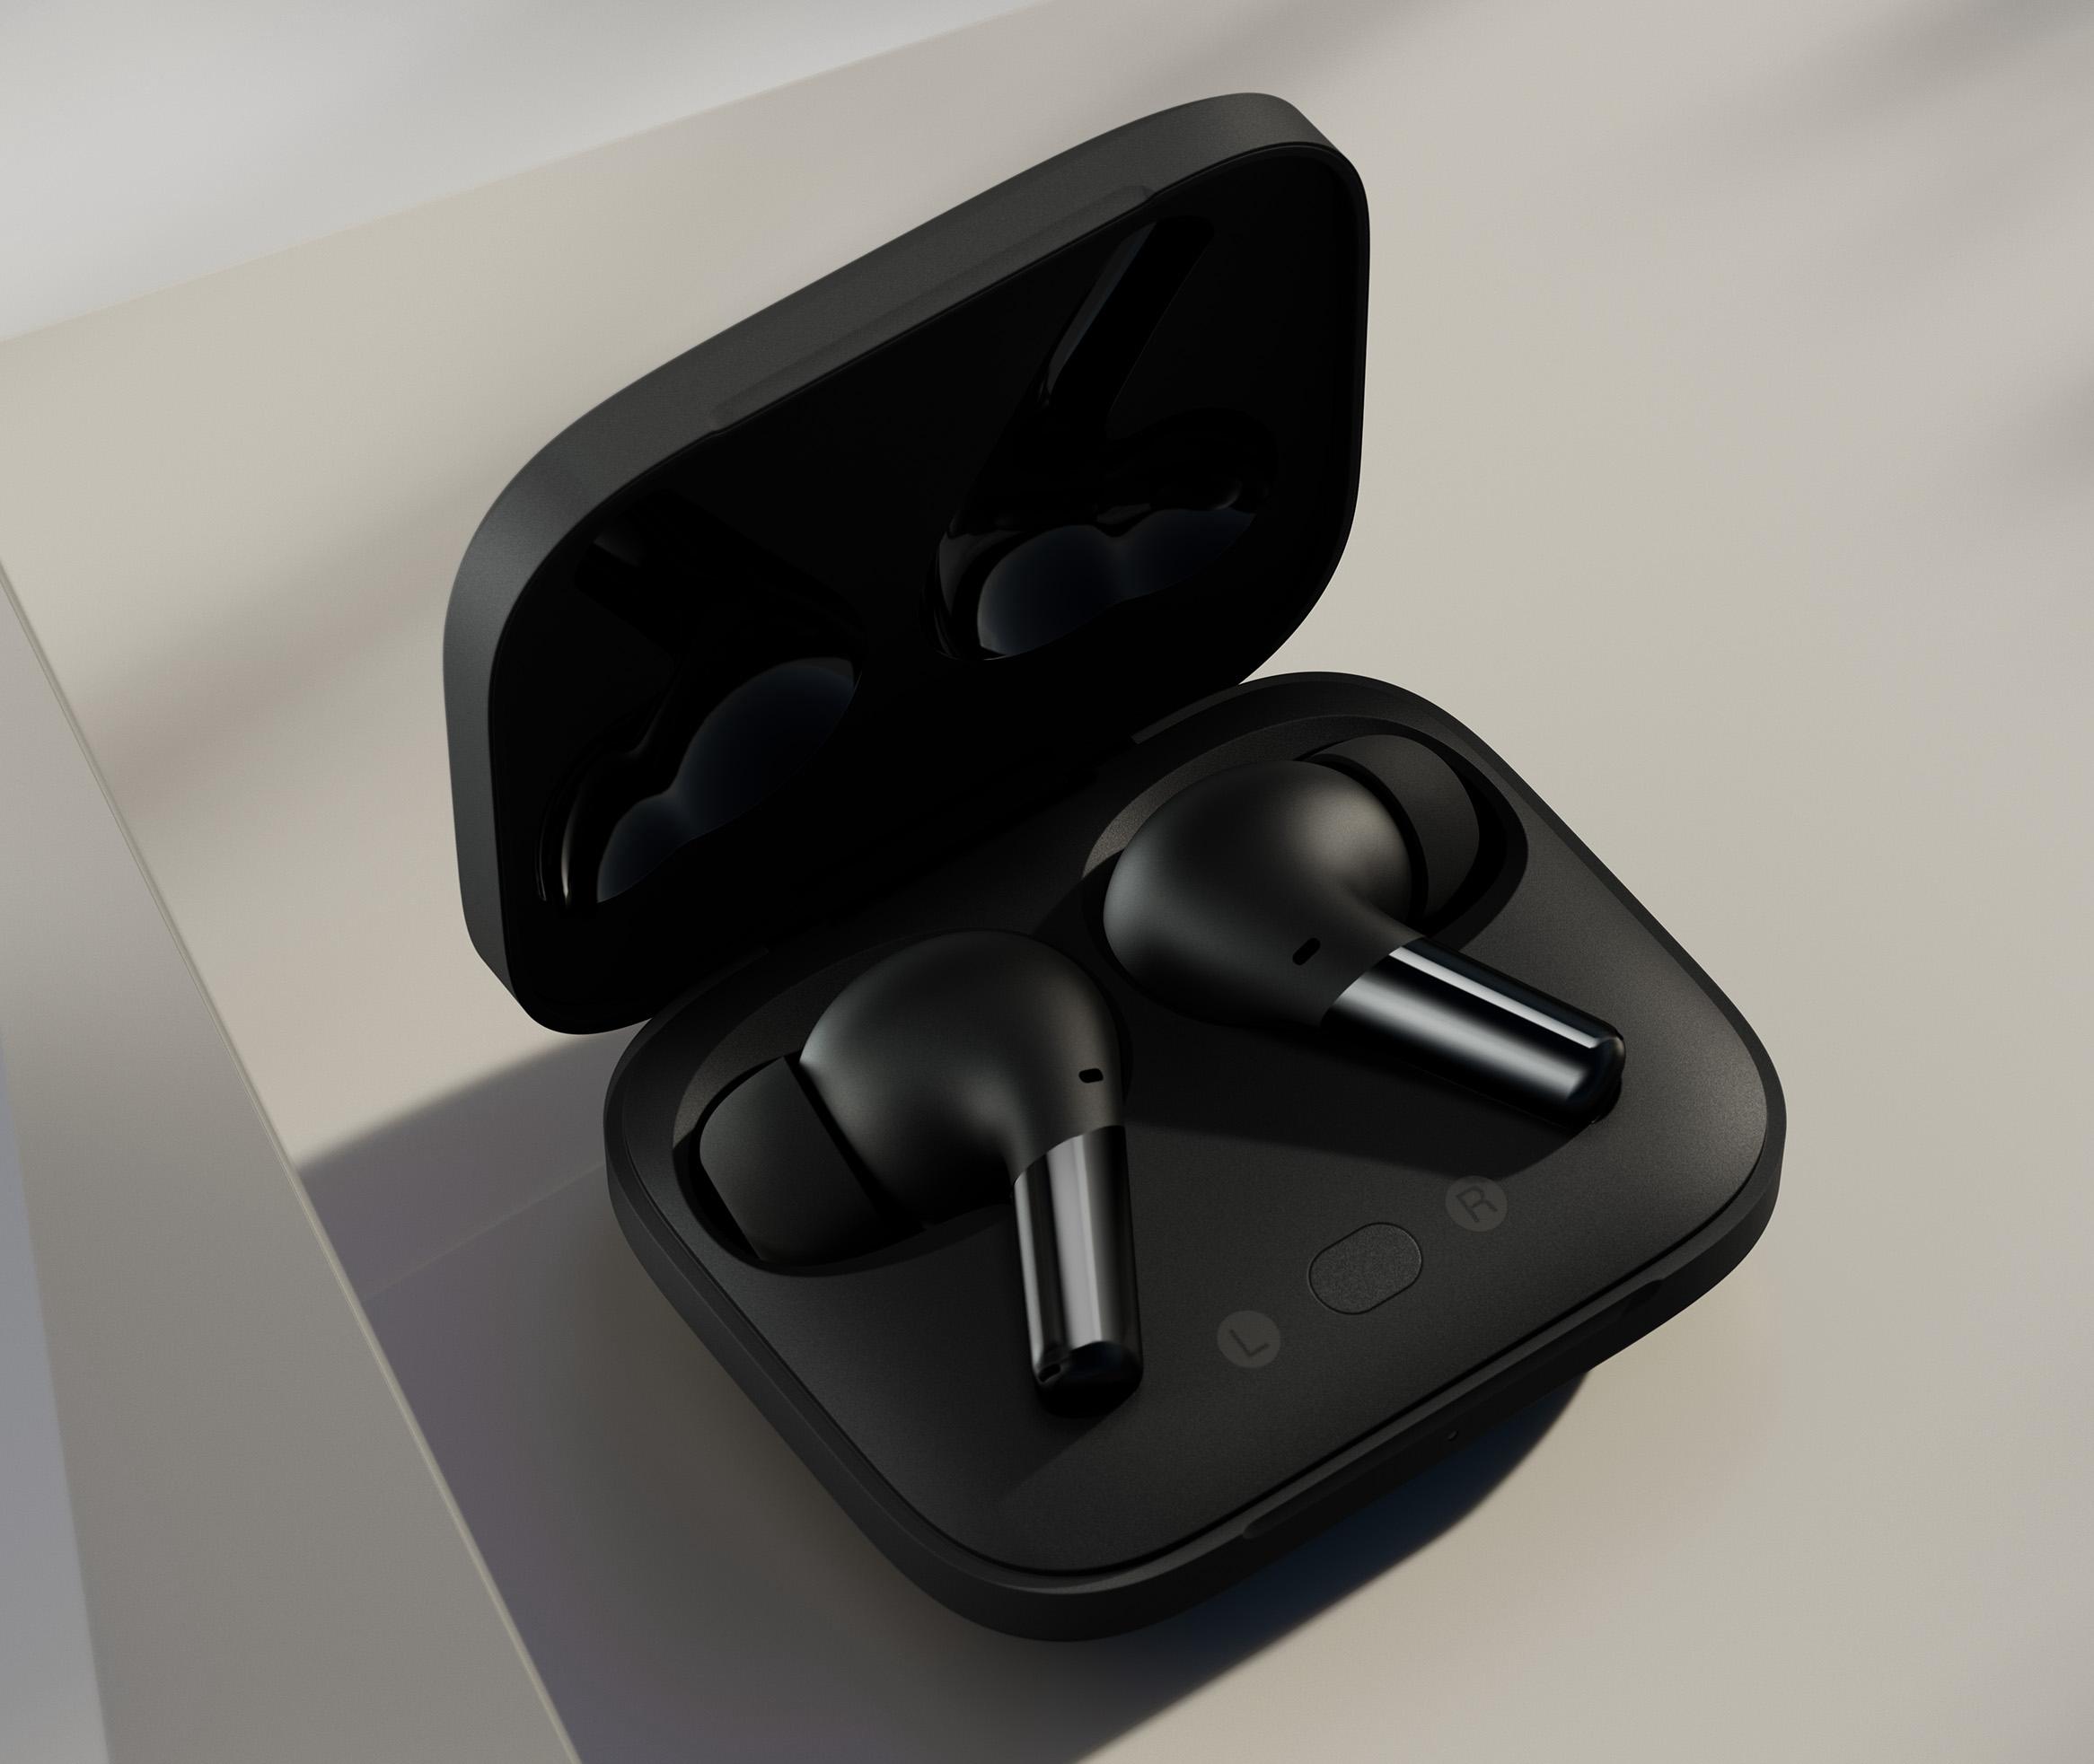 OnePlus Buds Pro -kuulokkeiden latauskotelo tukee pikalatausta sekä myös langatonta latausta.